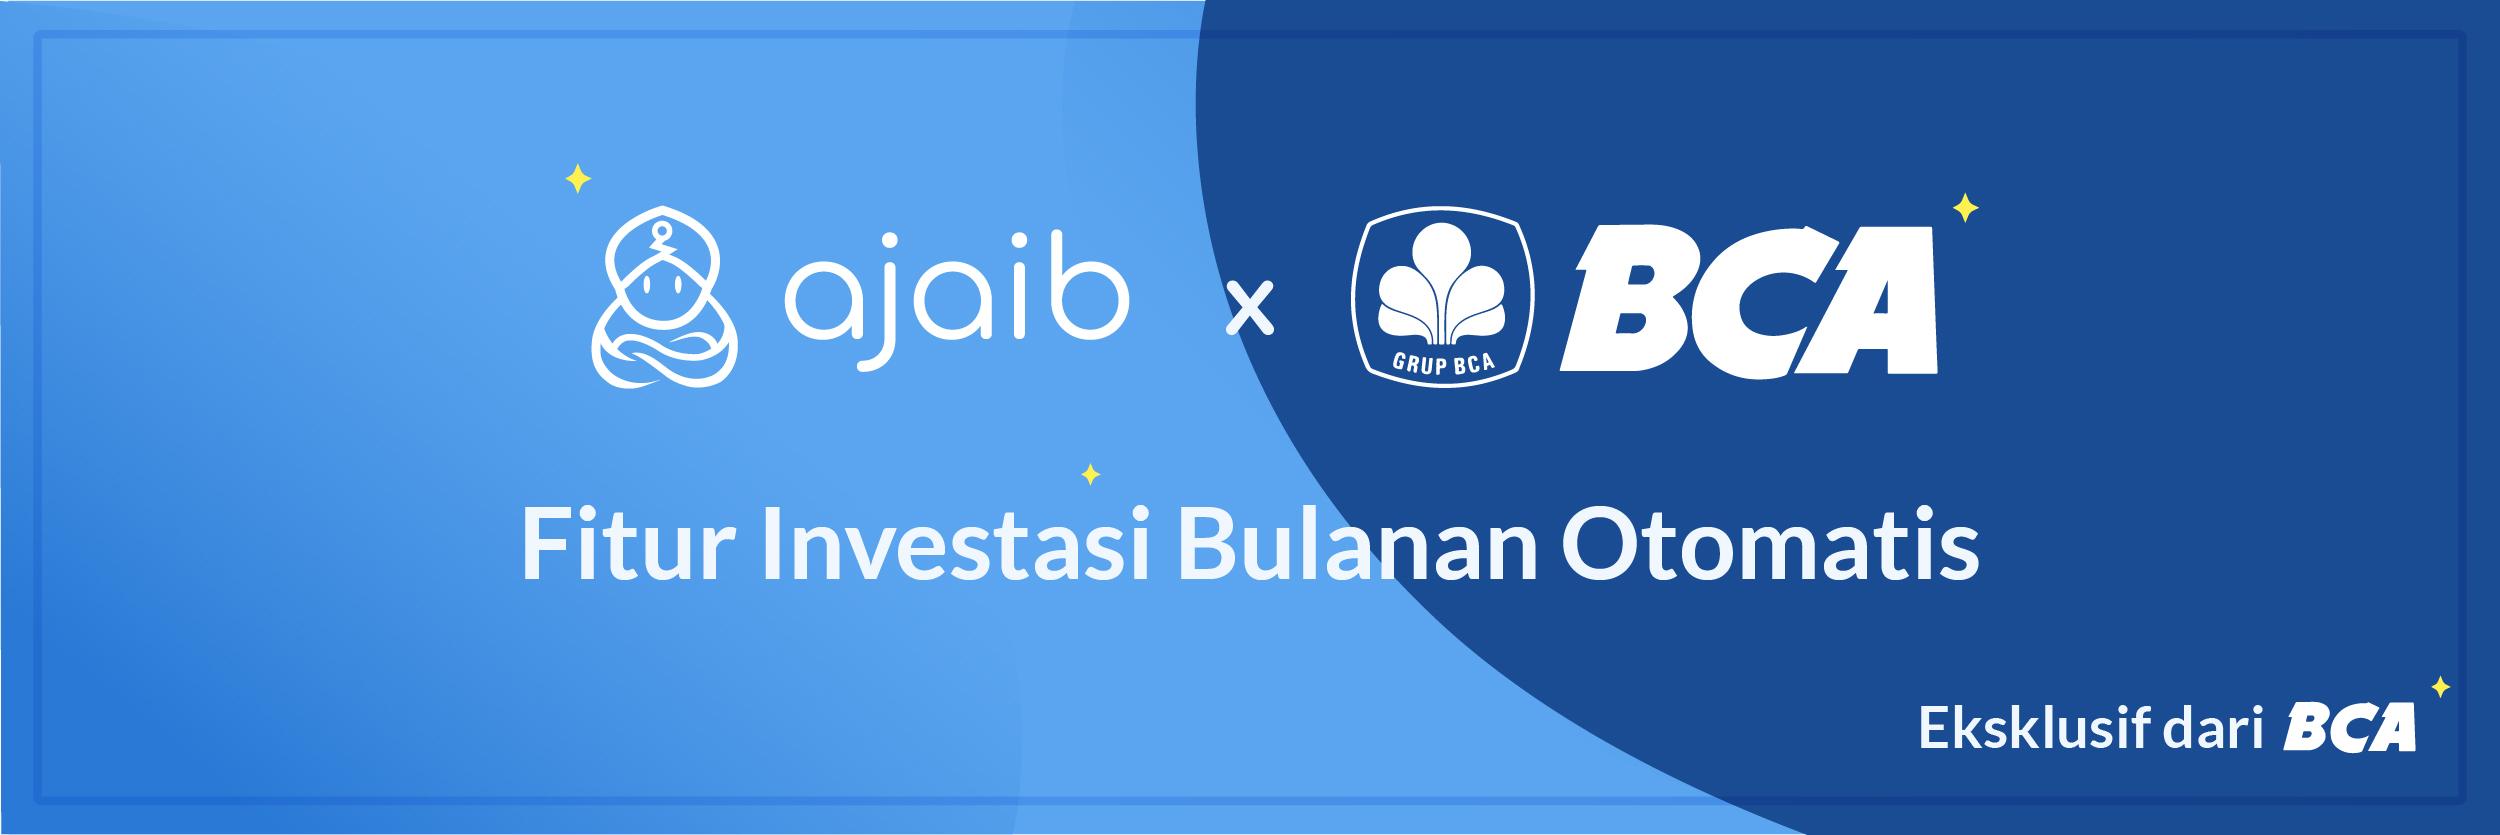 Ajaib bekerja sama dengan BCA dalam fitur investasi bulanan otomatis